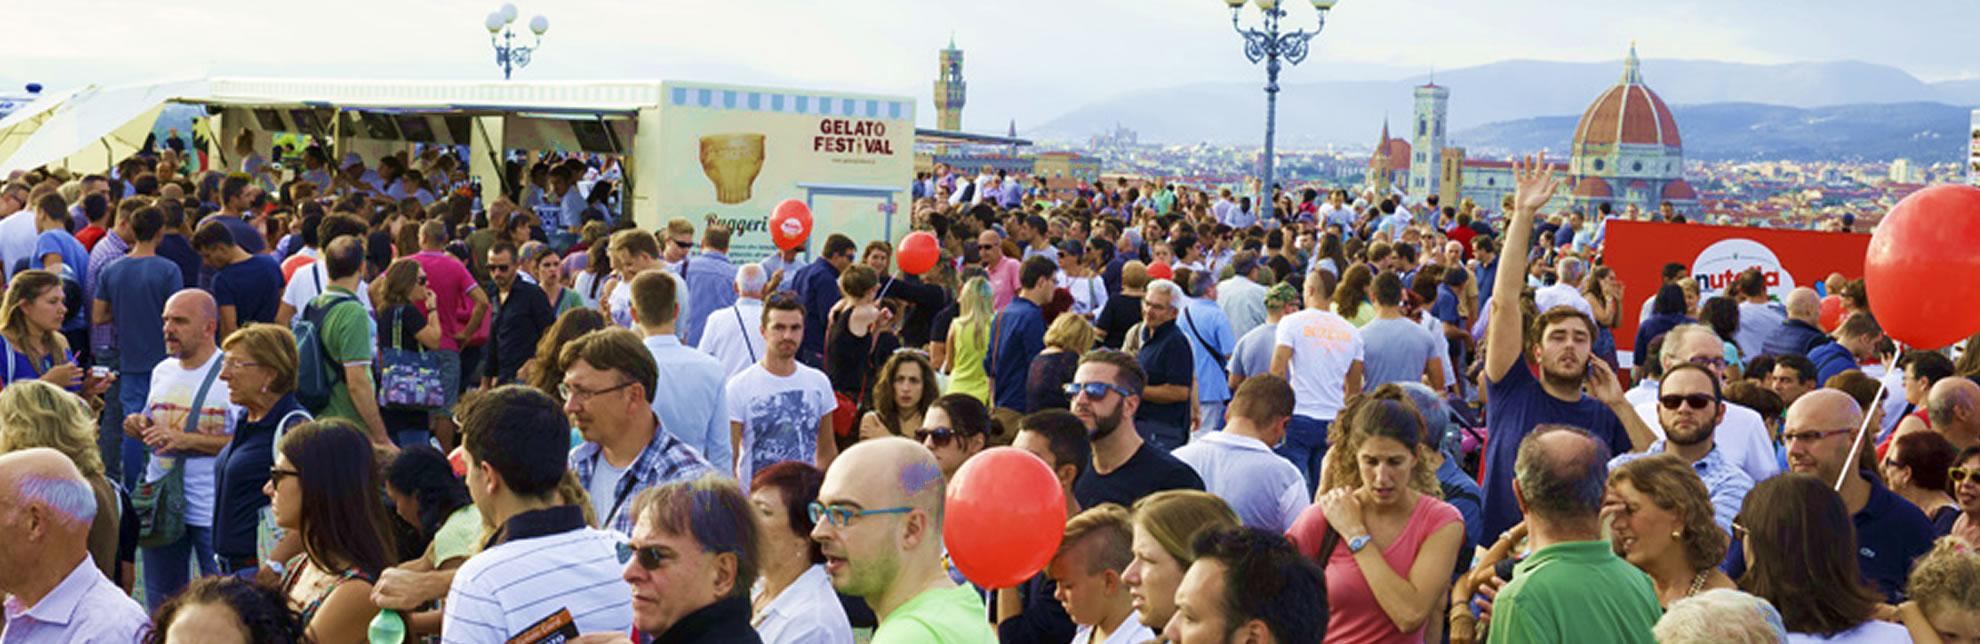 gelato festival 01